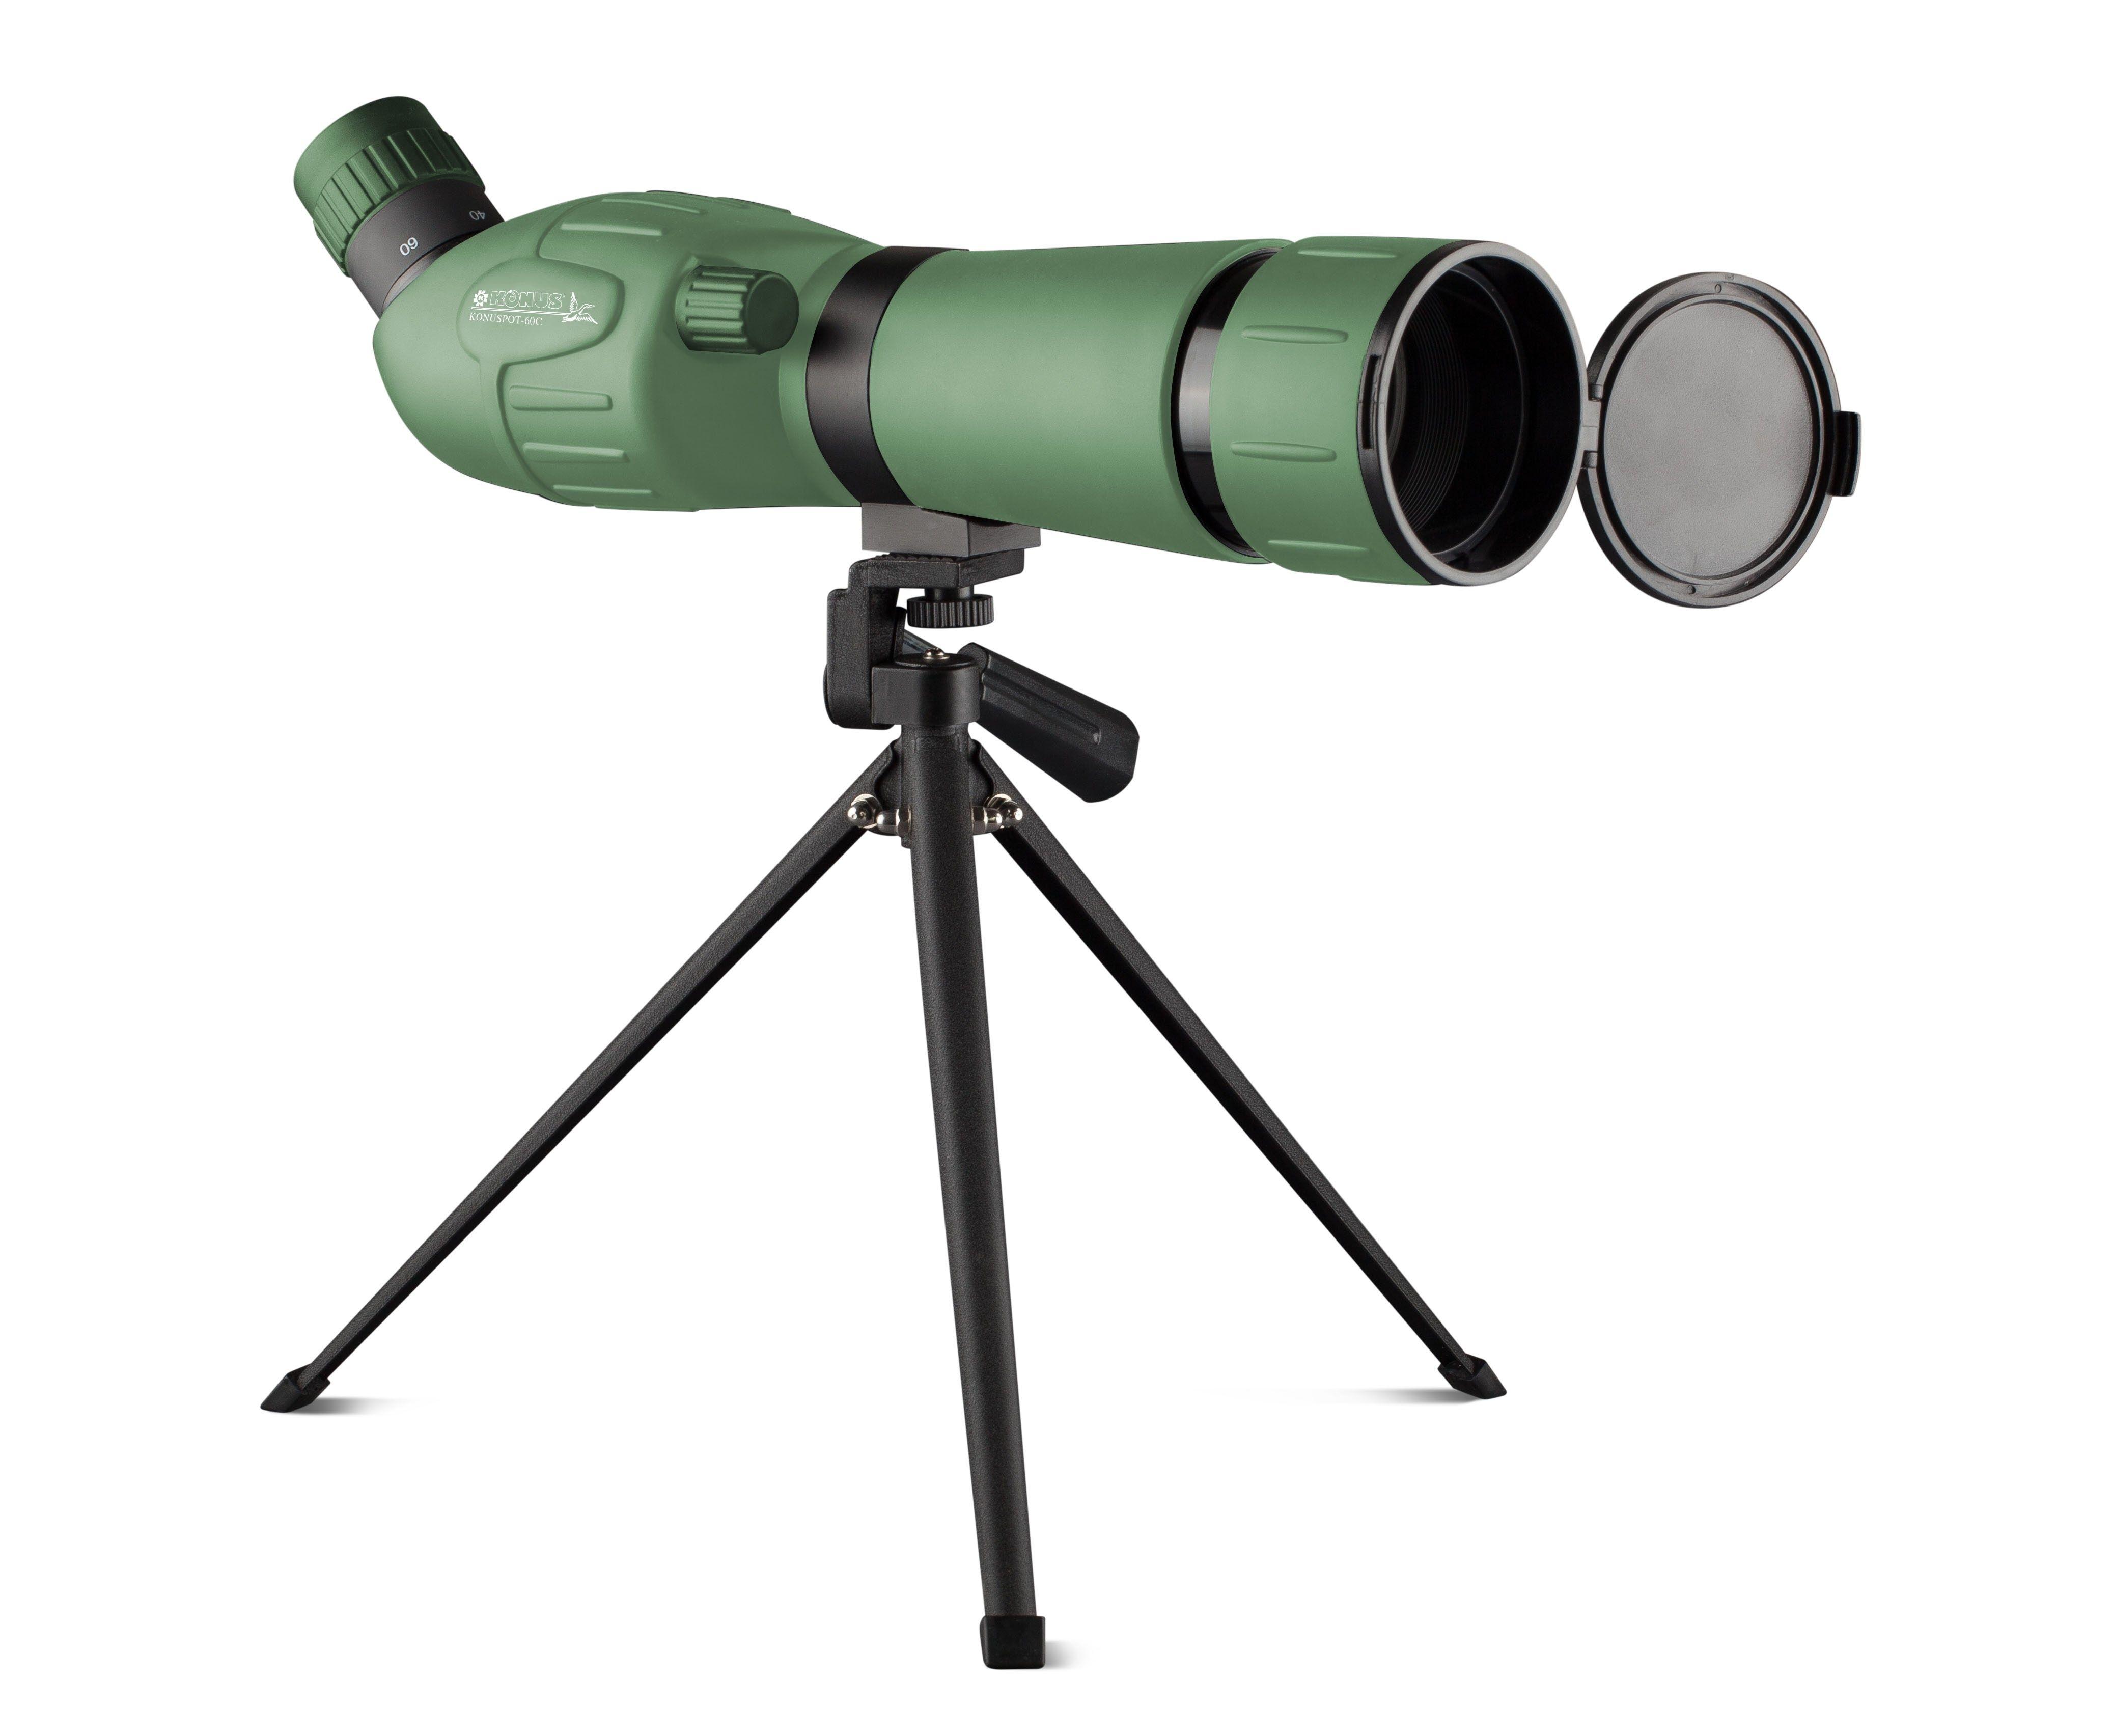 Image Is Loading Konus Konuspot 60C 20 60x60 Zoom Spotting Scope